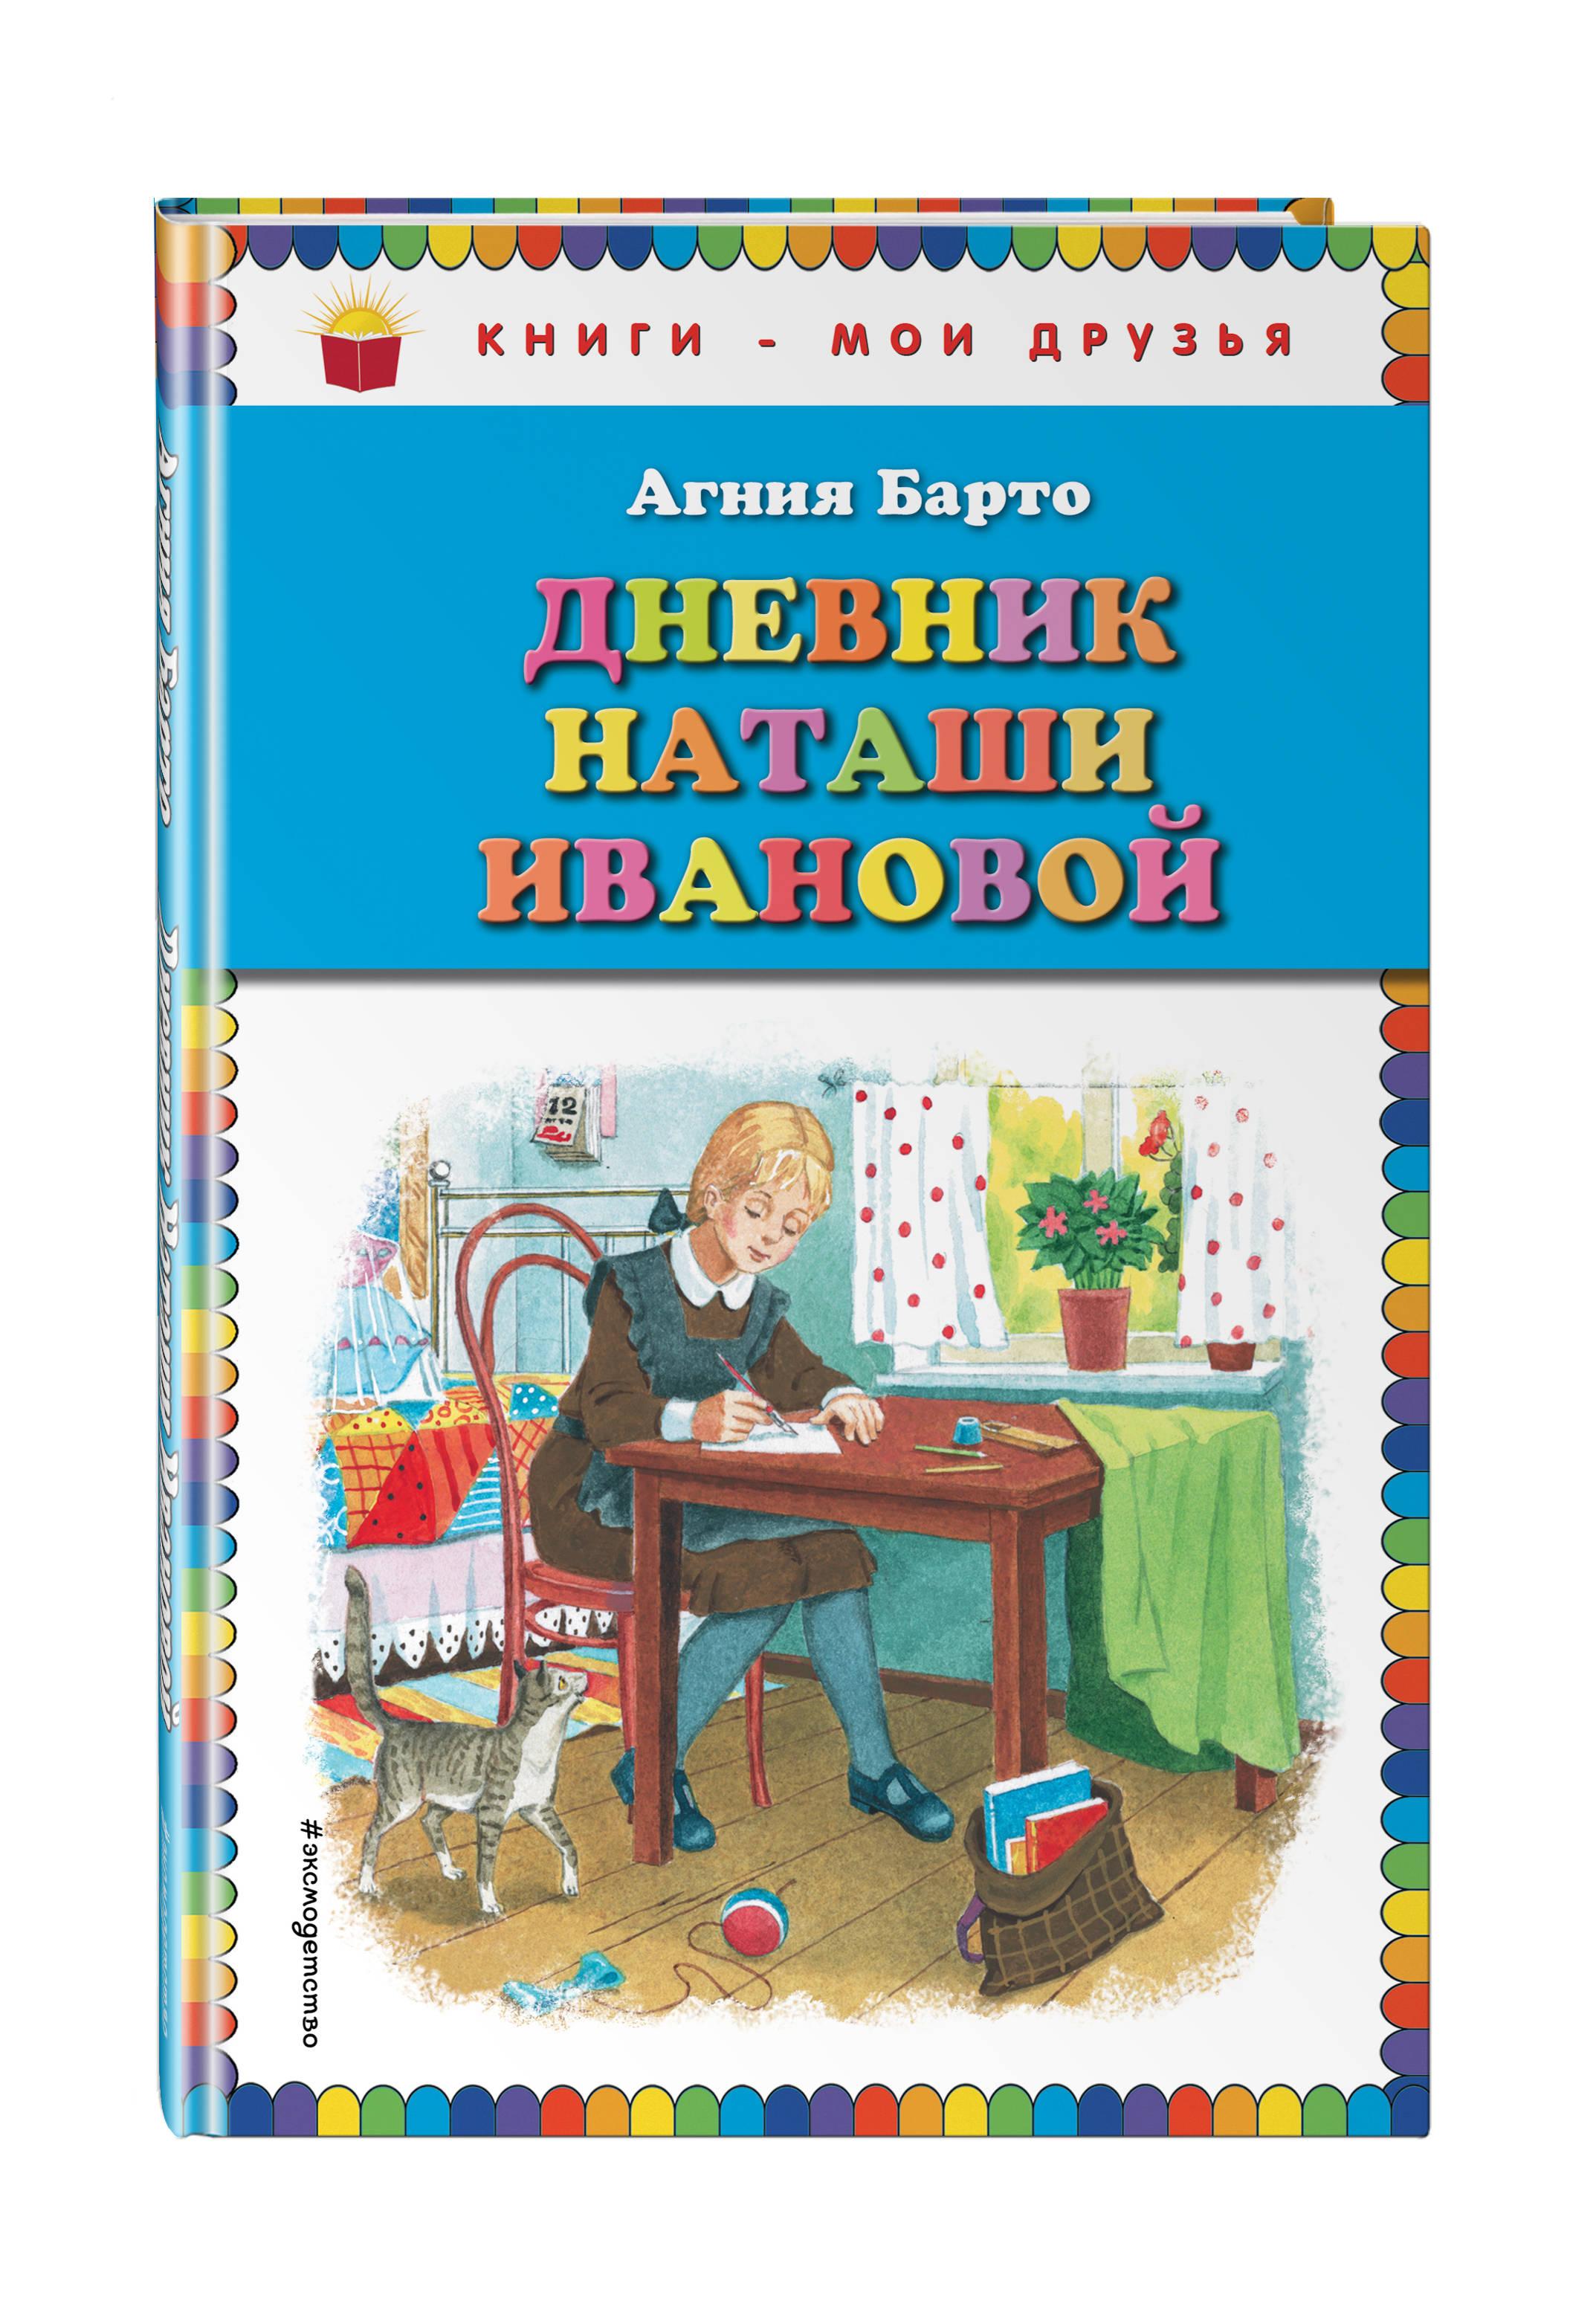 Агния Барто Дневник Наташи Ивановой барто агния львовна дневник наташи ивановой ил а воробьева